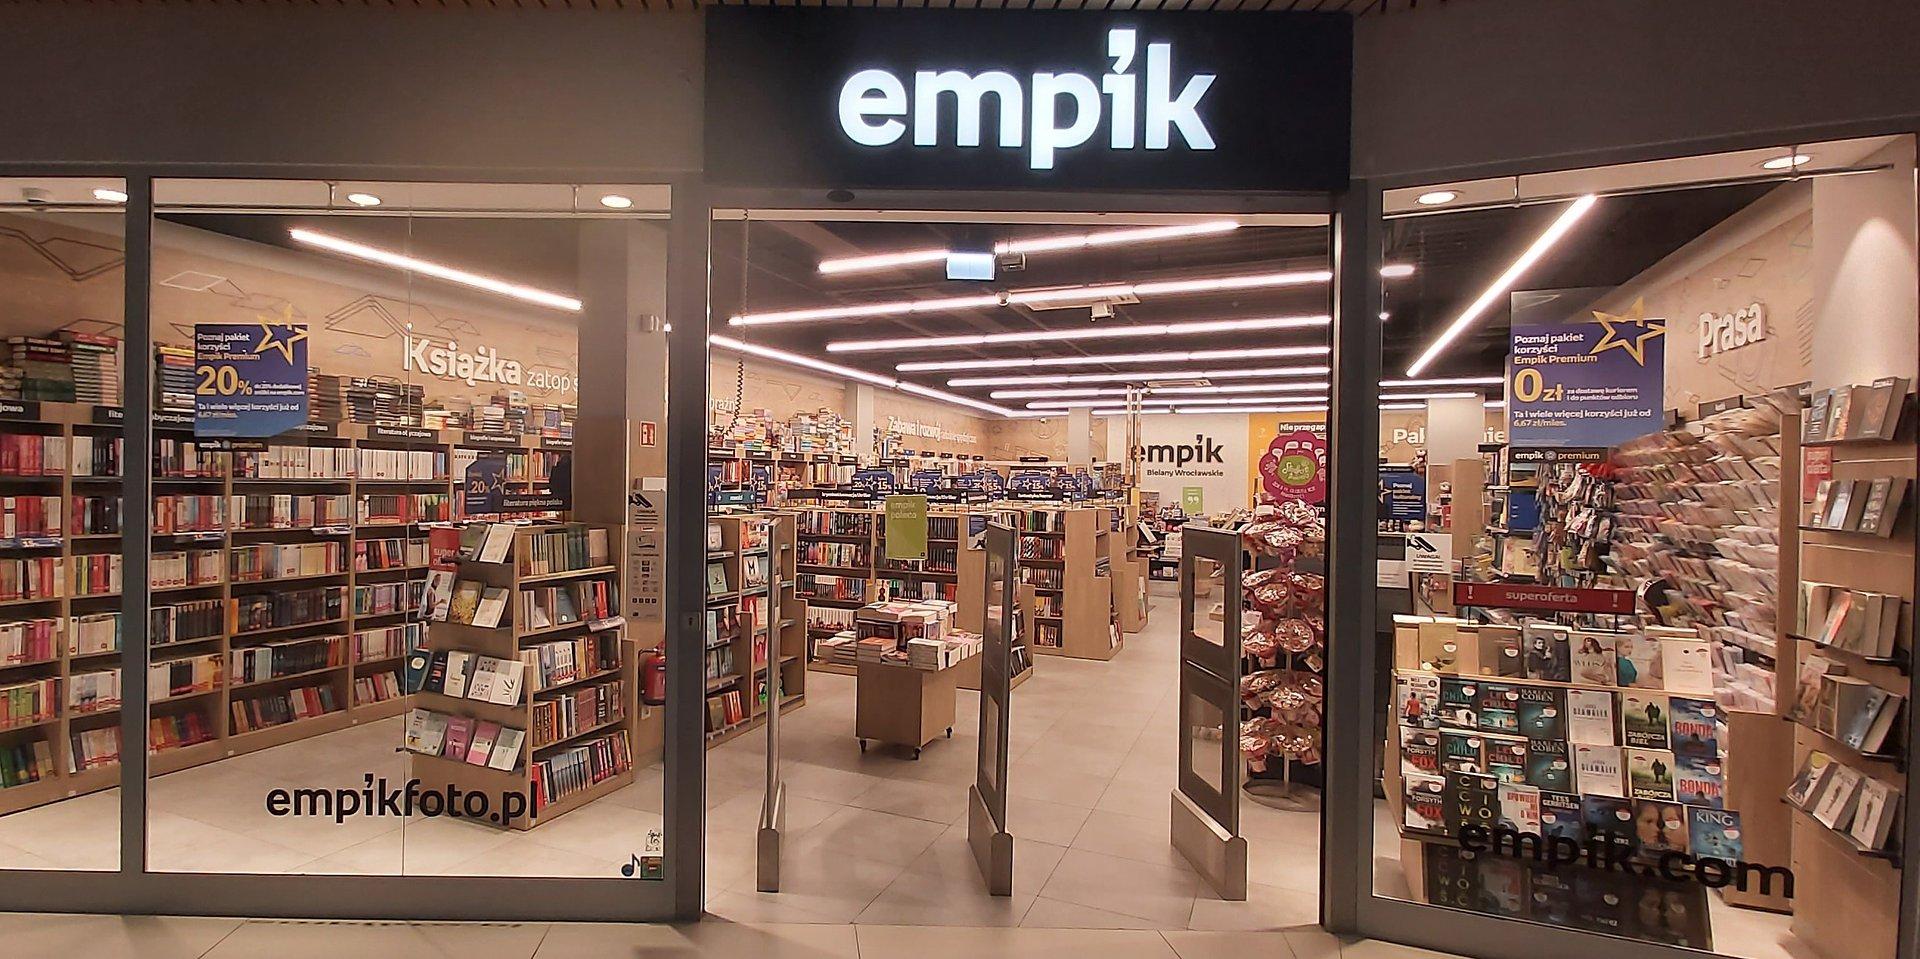 Empik otwiera część zamkniętych salonów w wyniku porozumień z właścicielami obiektów handlowych